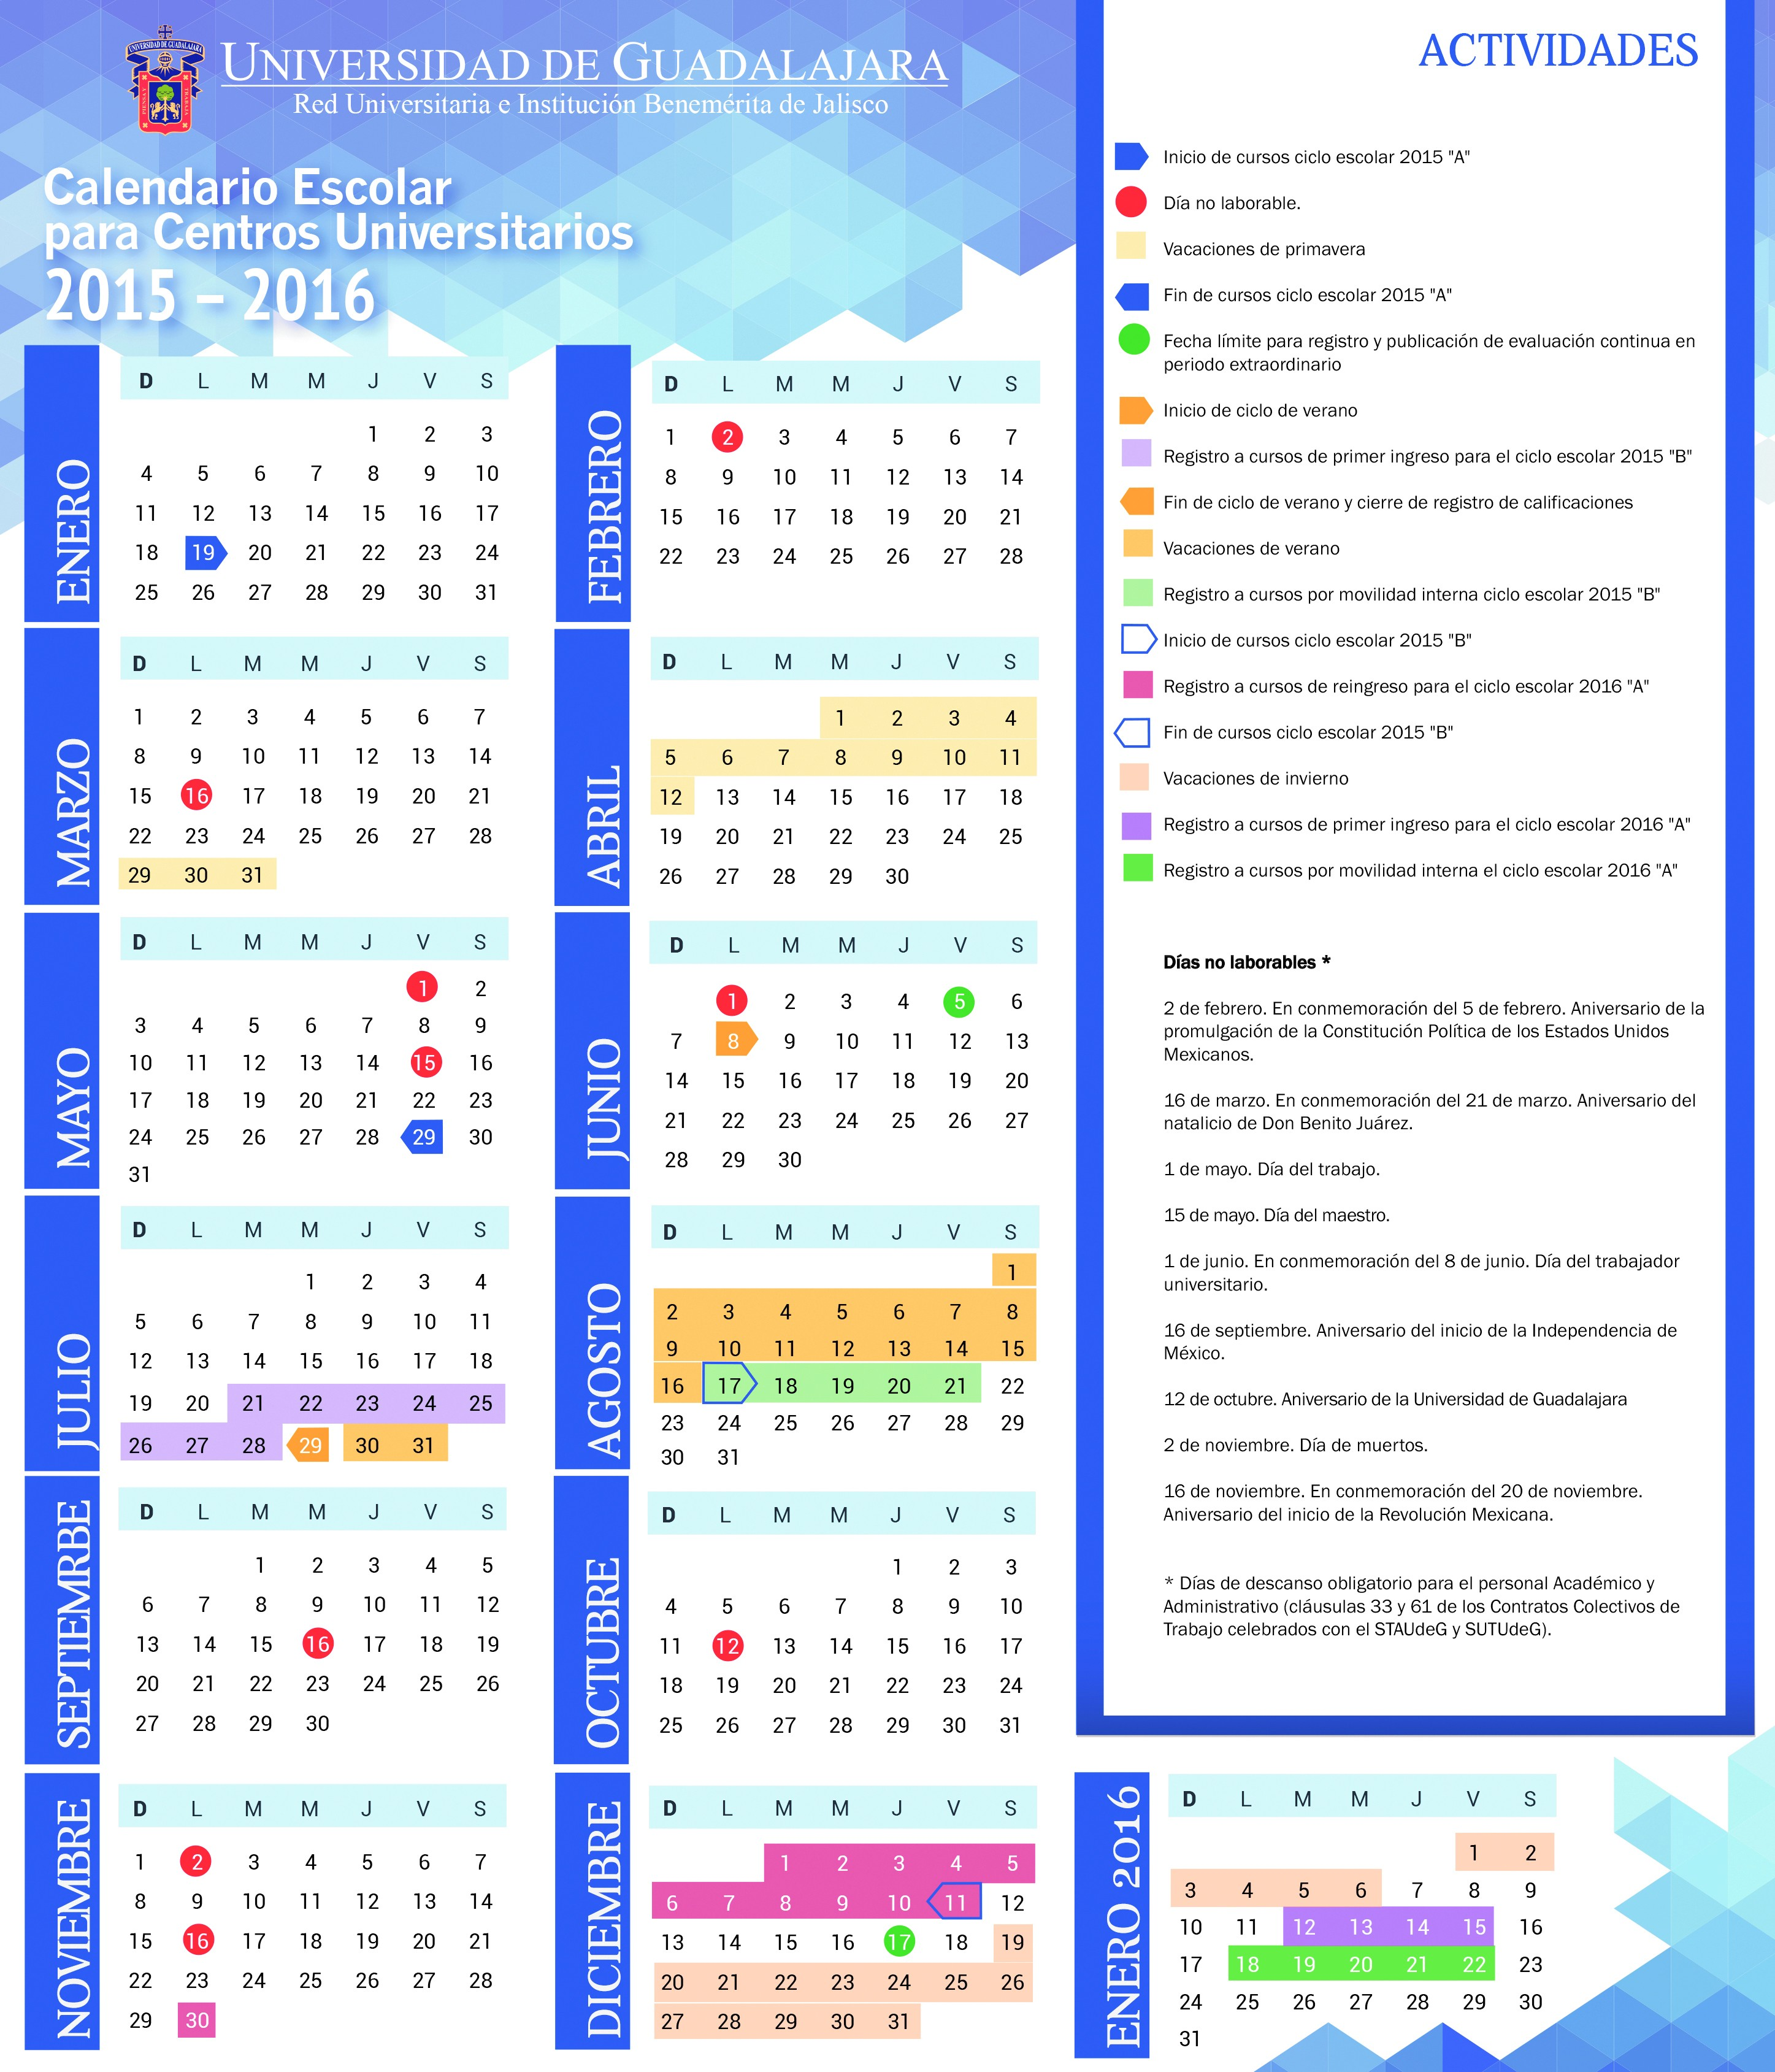 calendario escolar cus